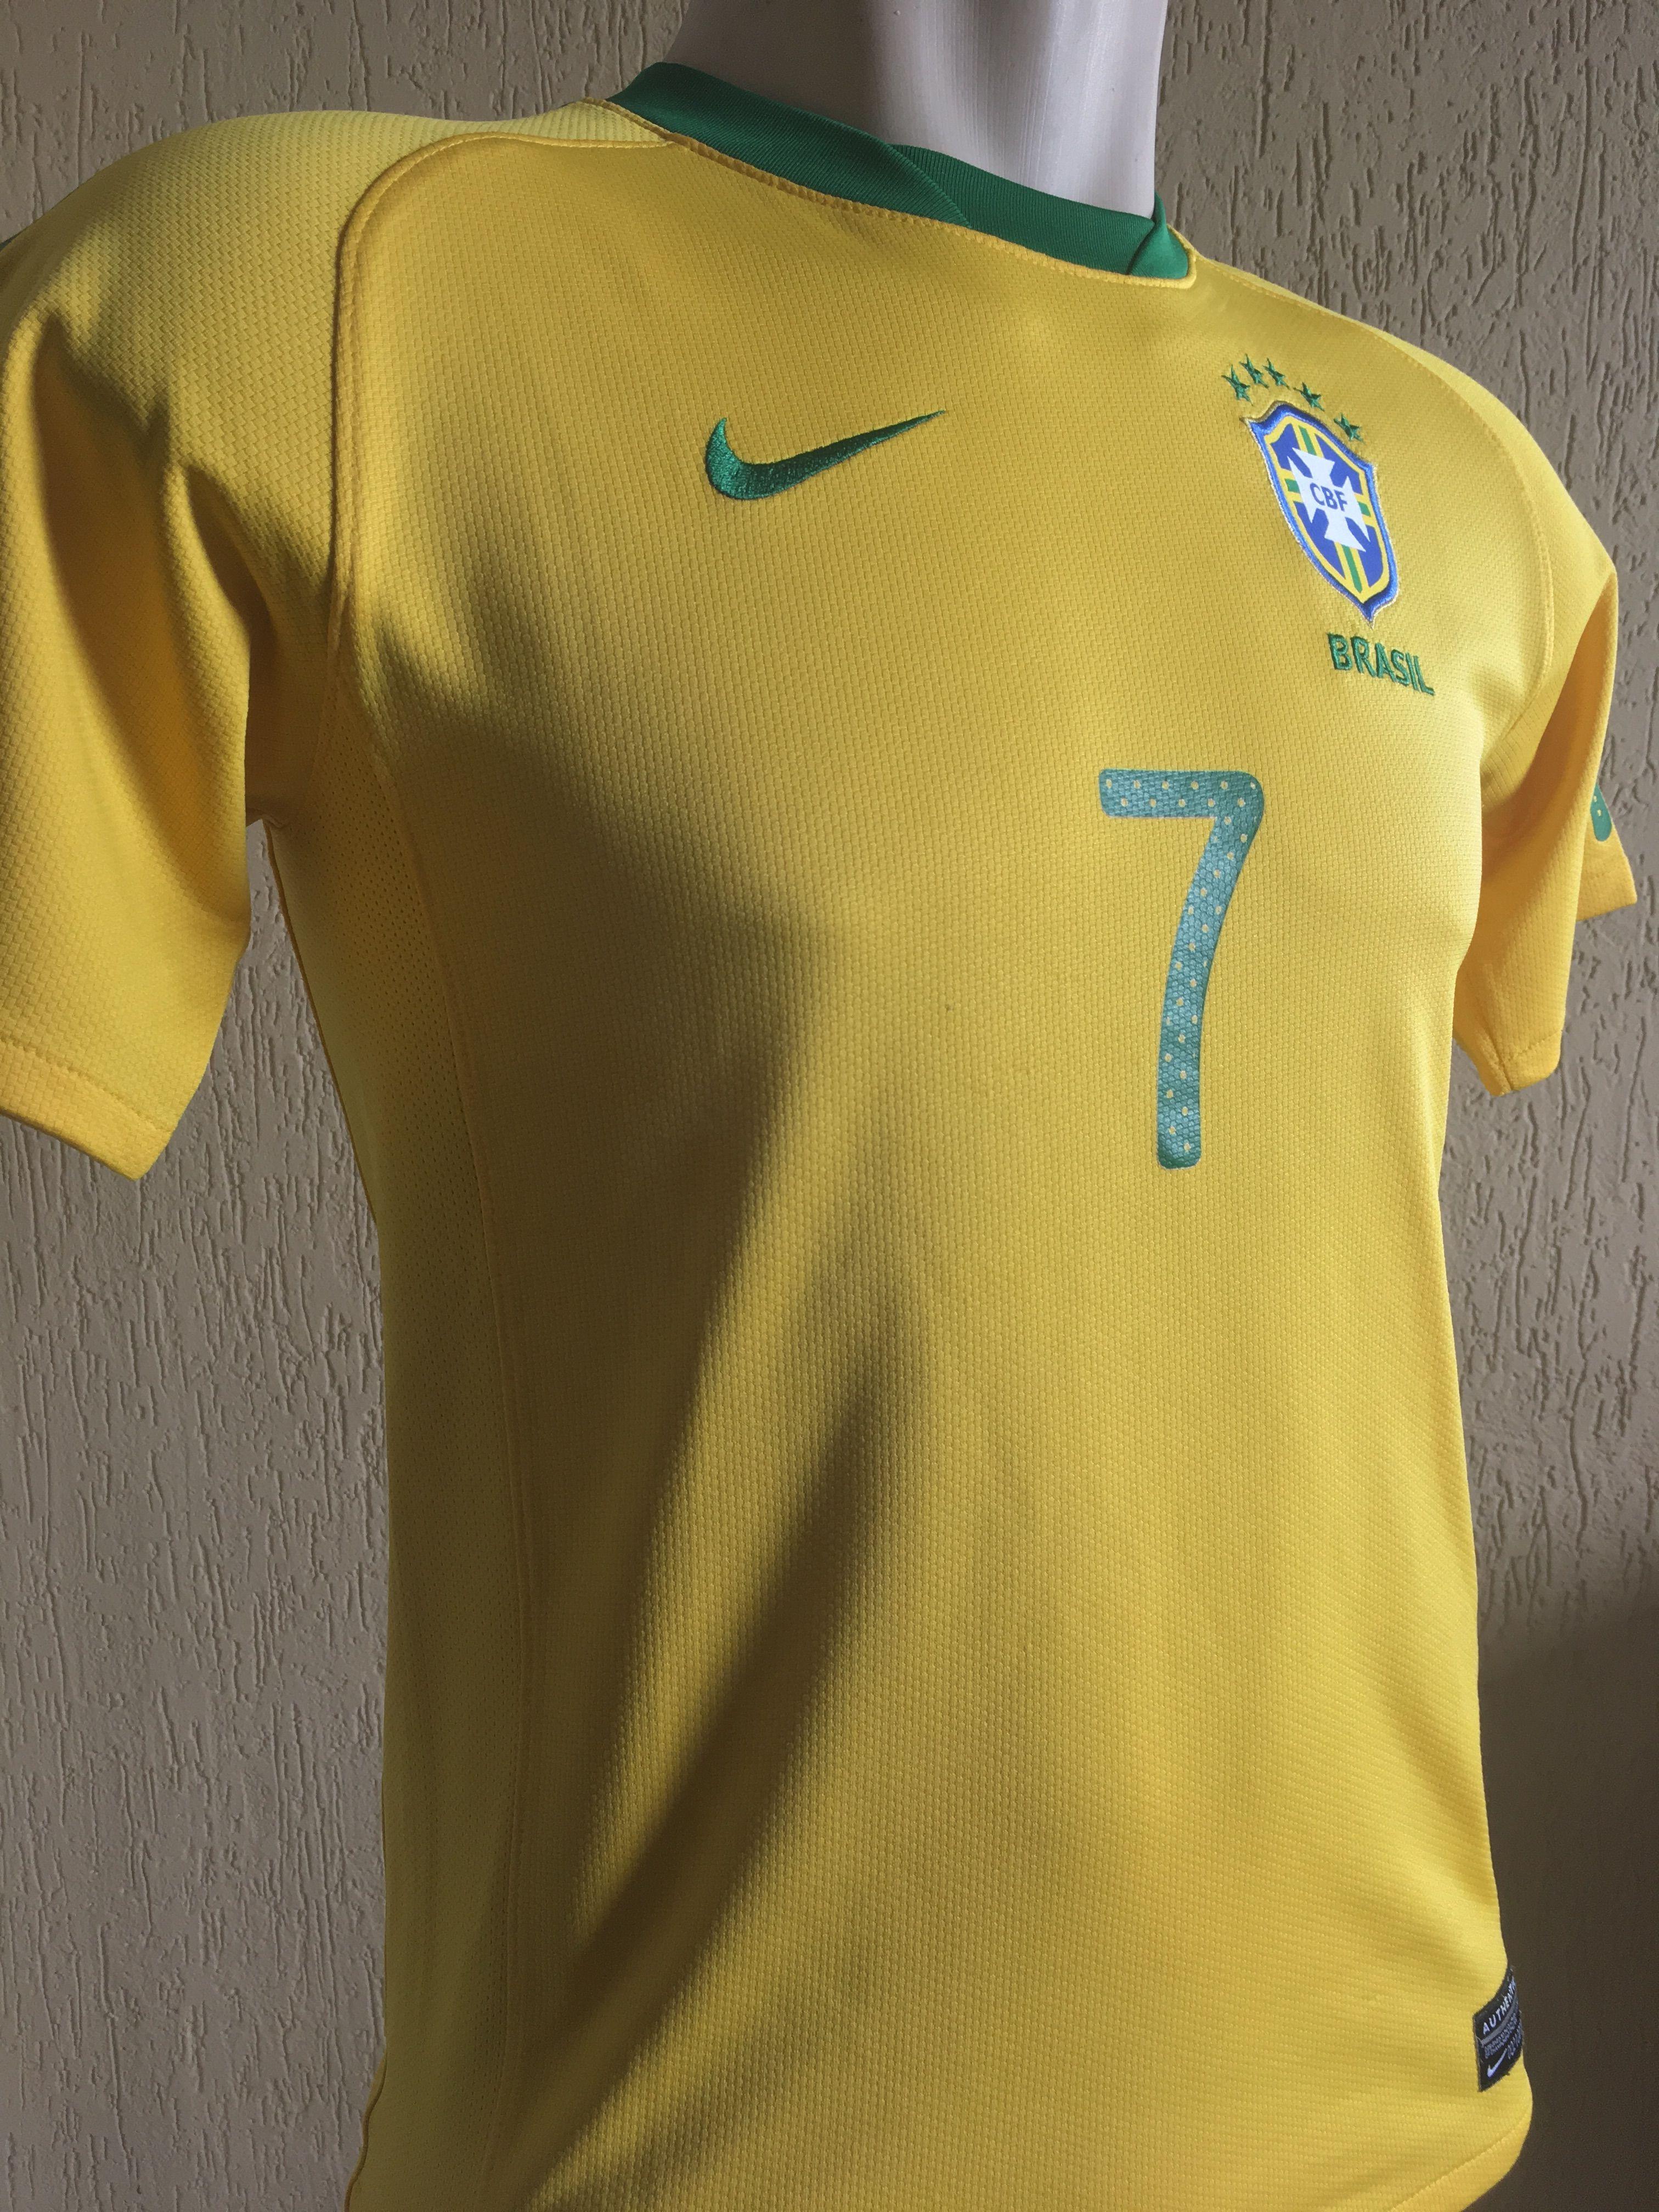 7a0664587ab1b Camisa I - Seleção Brasileira Copa do Mundo 2010 Tamanho 16 Largura 46cm  Cumprimento  62cm